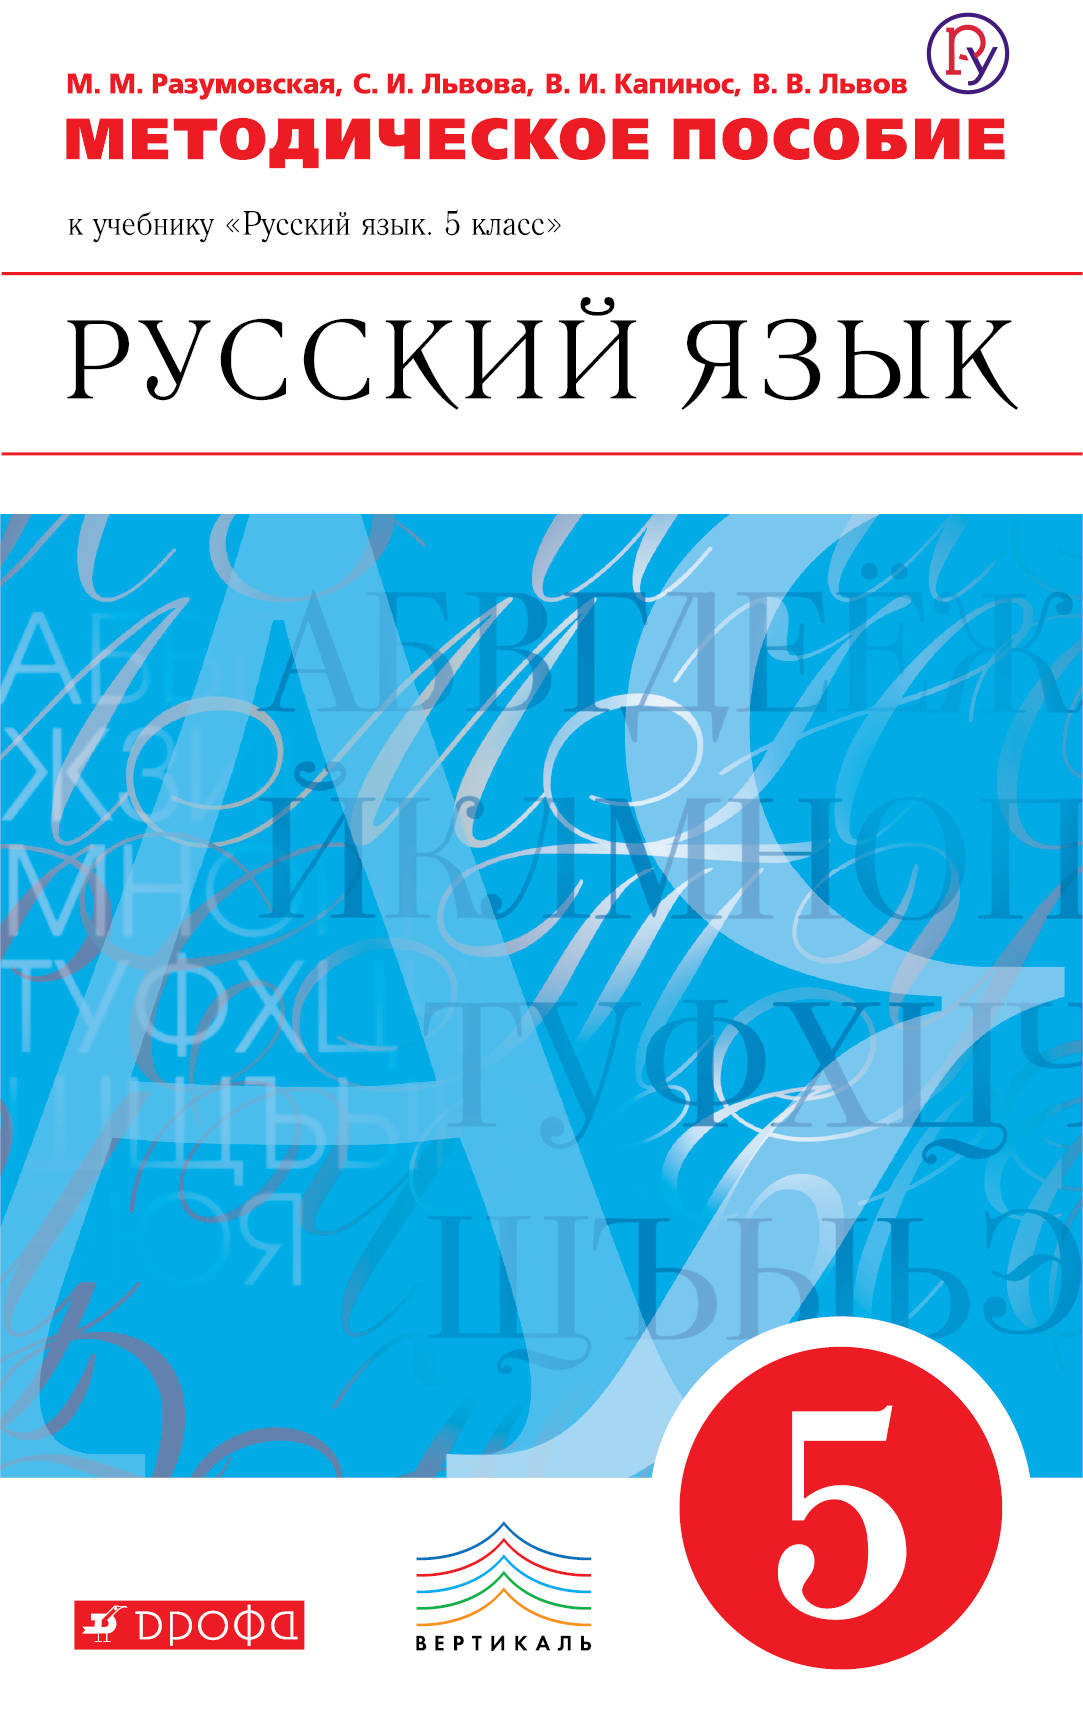 Рабочая программа по русскому языку для 5 класса по разумовской фгос